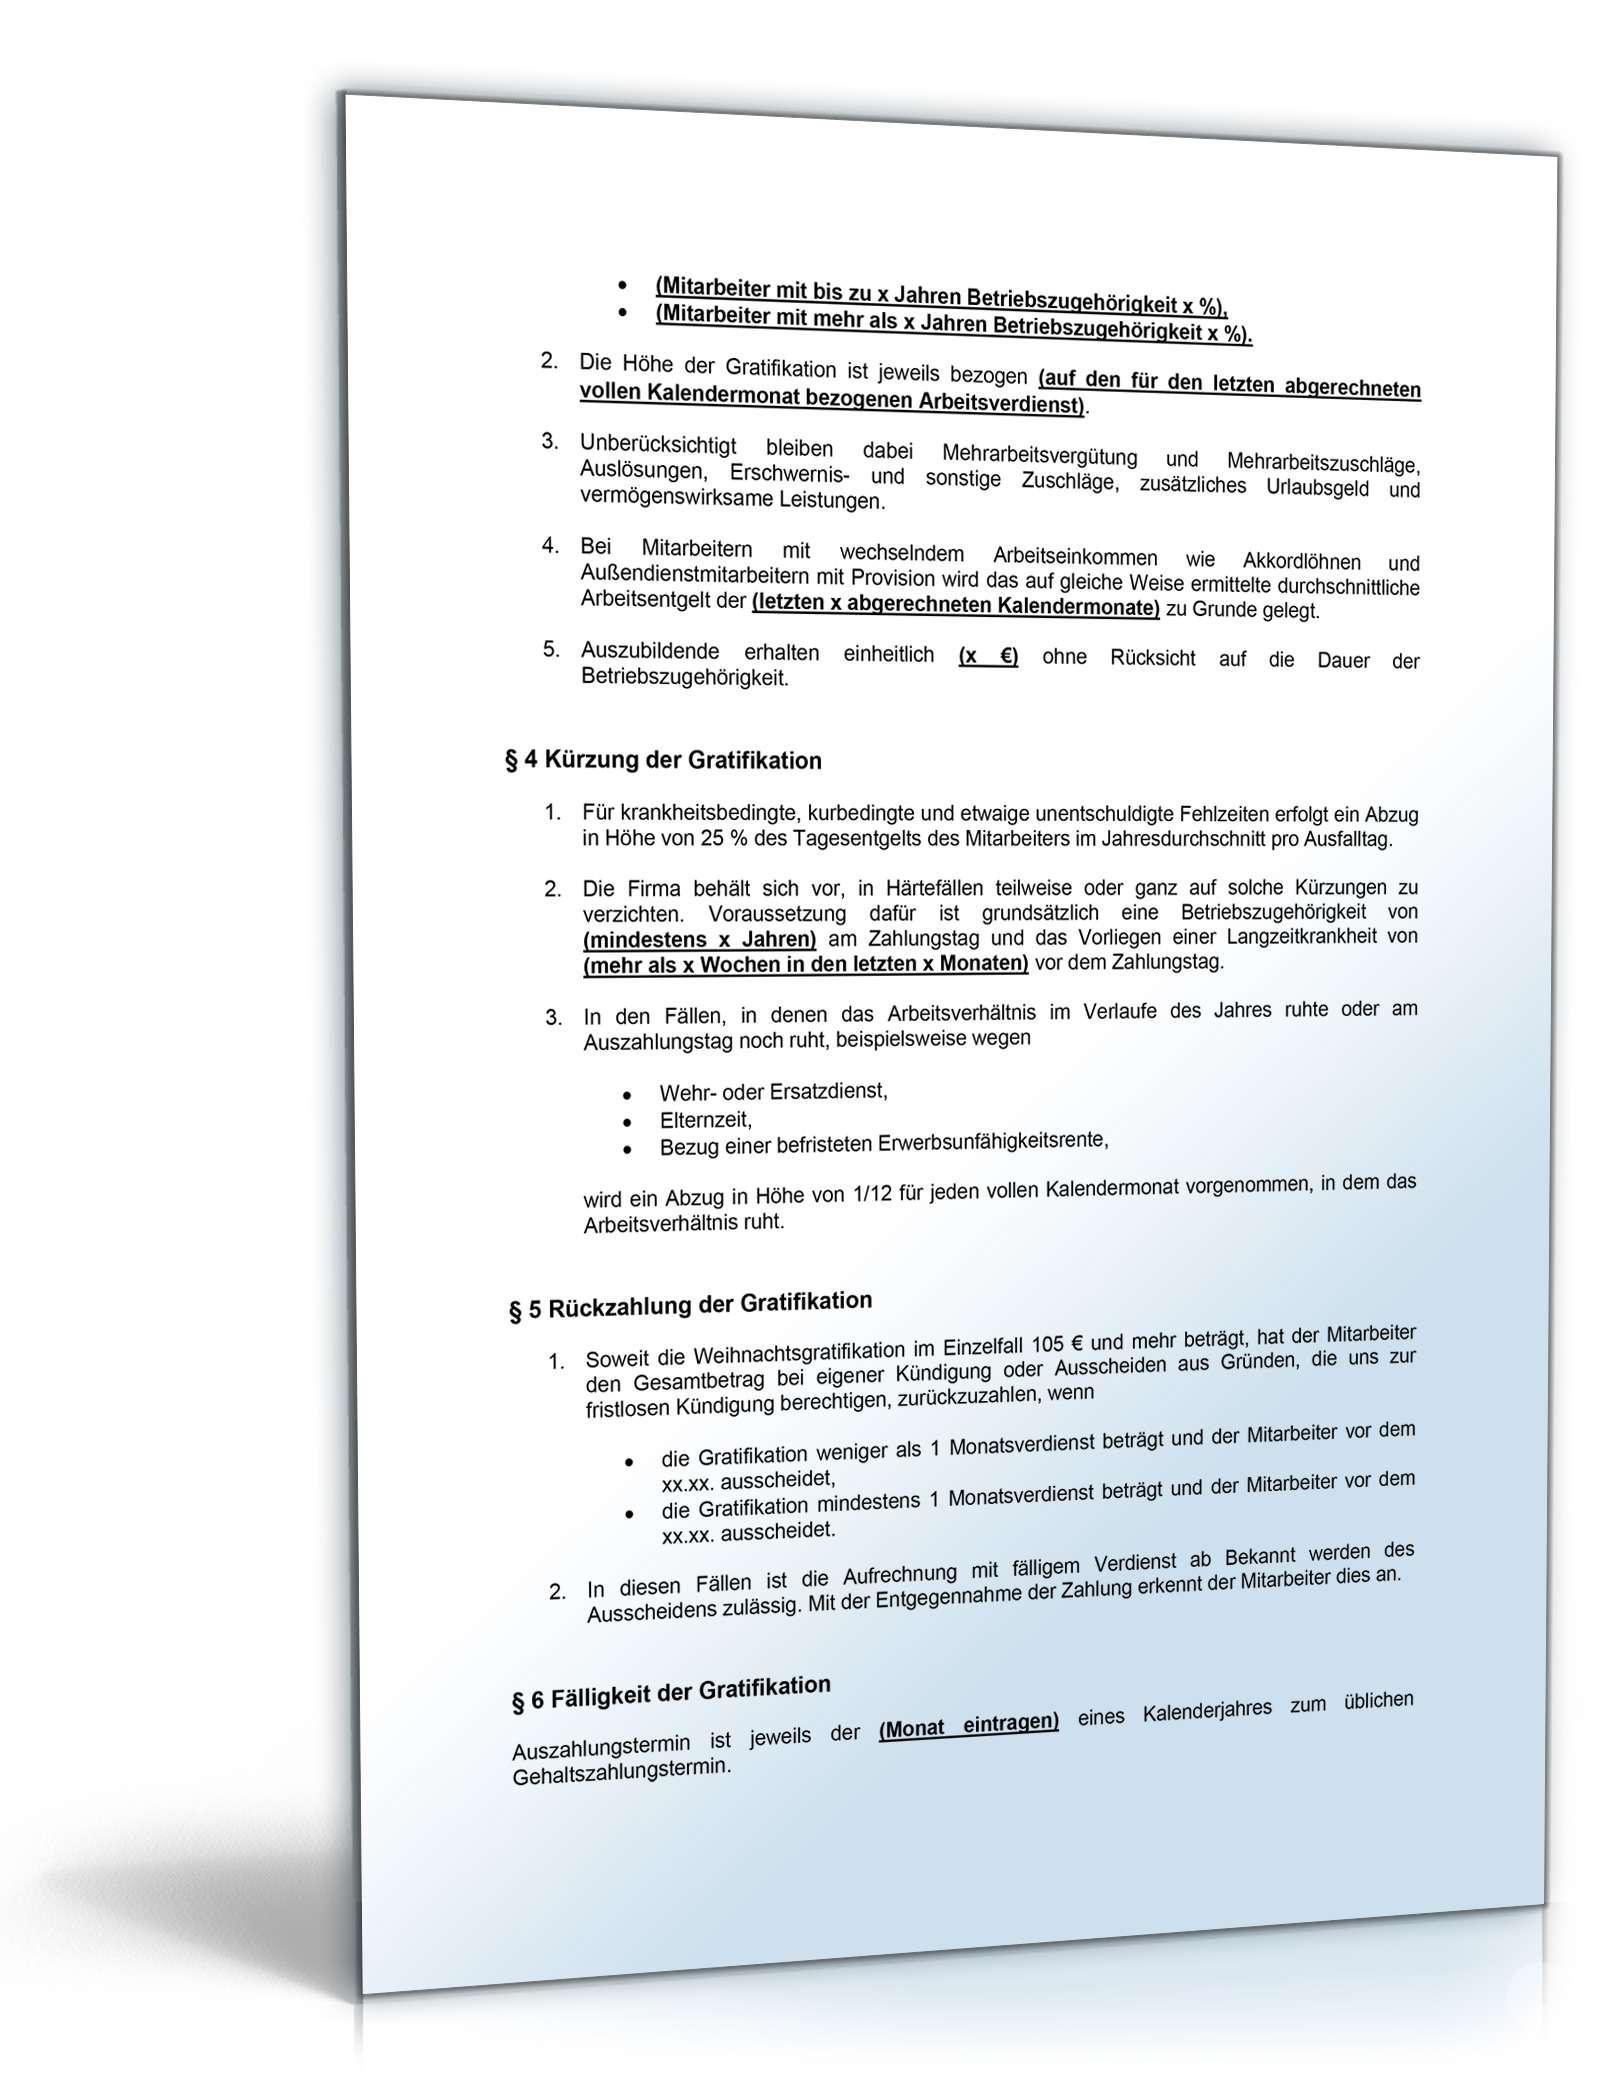 pdf seite 2 - Krankheitsbedingte Kndigung Muster